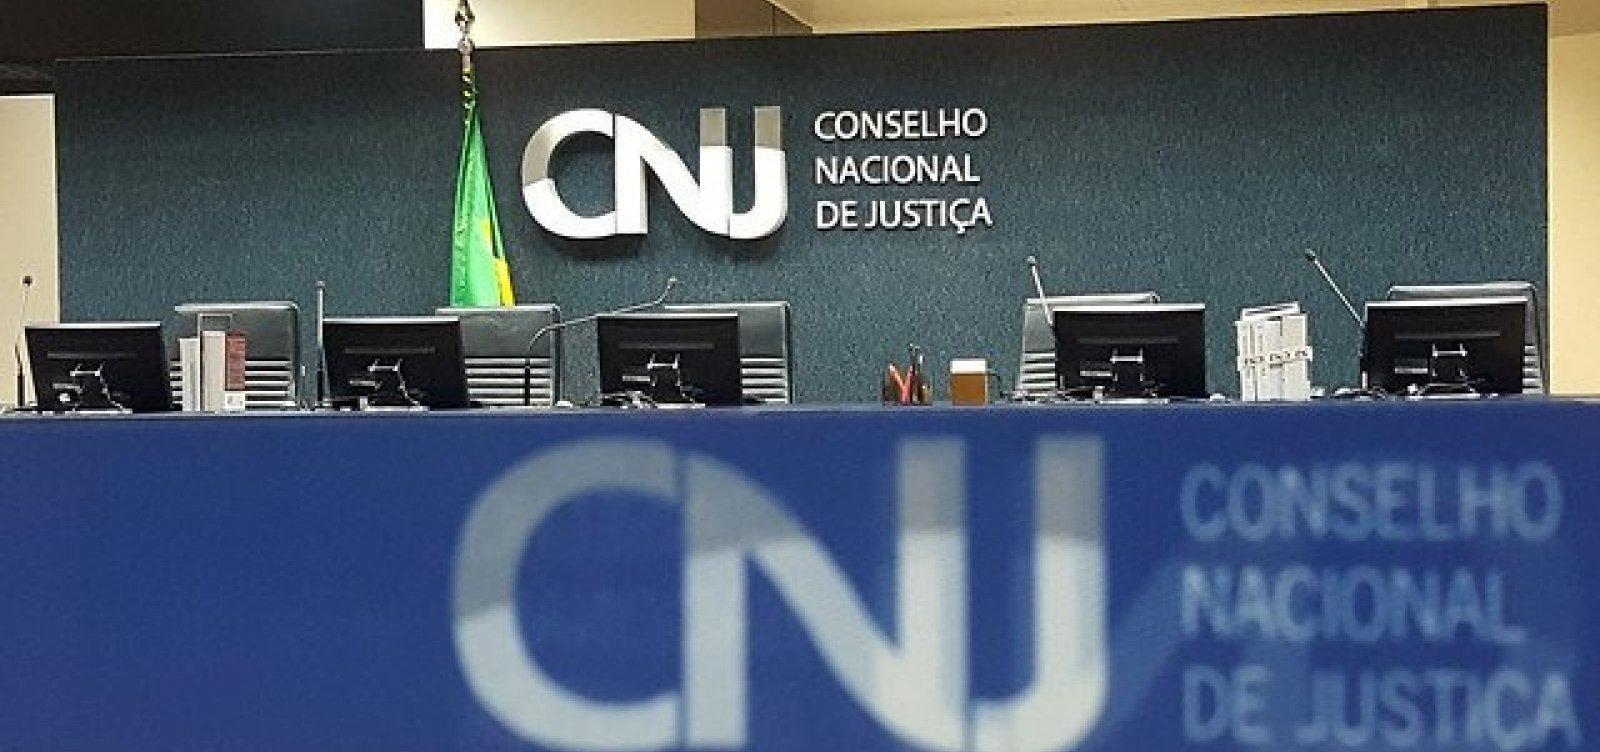 [CNJ abre processo contra juiz por determinar precatórios indevidos à prefeitura de Salvador]